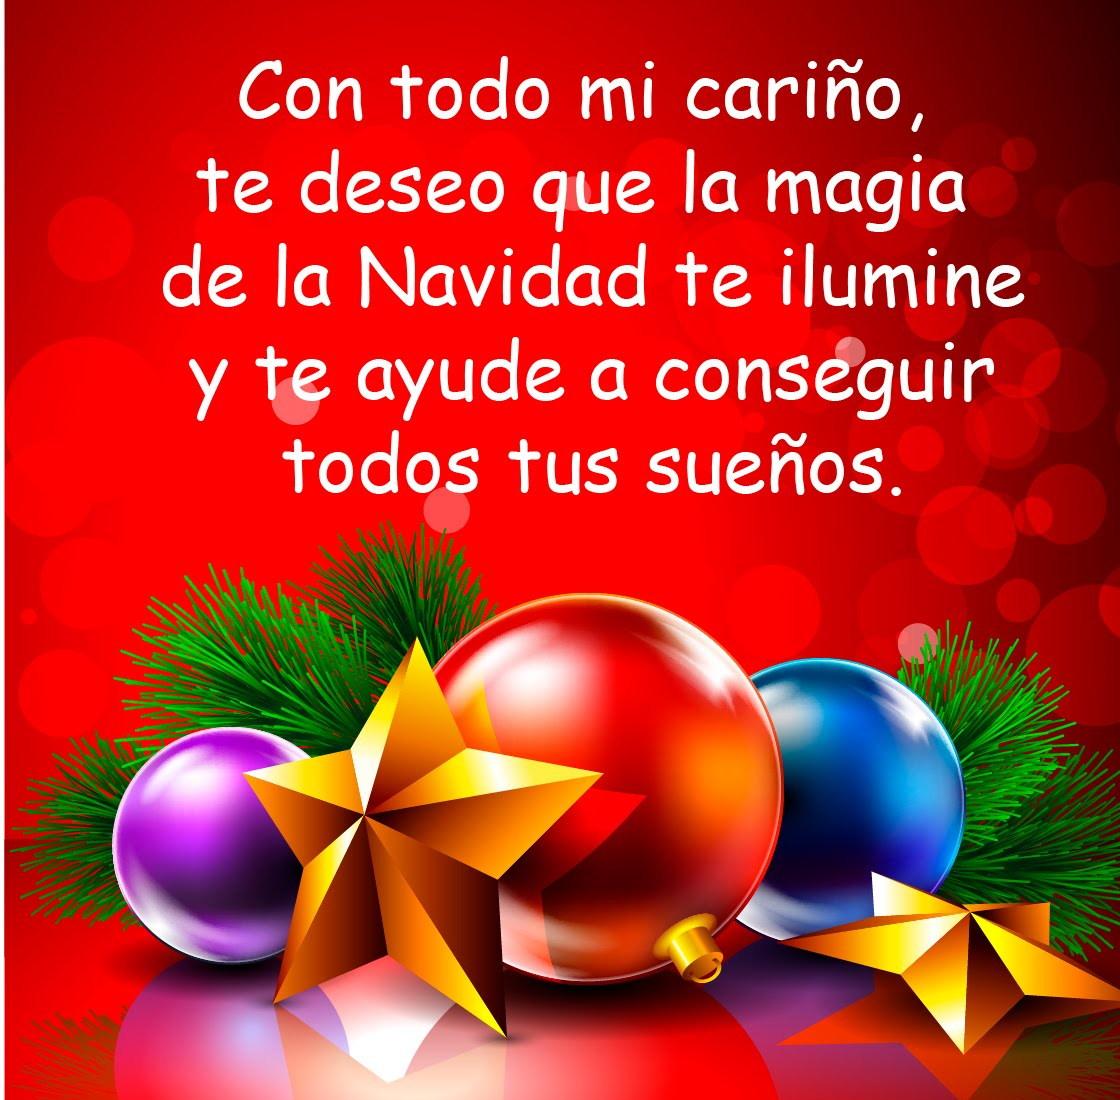 Imagenes de navidad con frases lindas para facebook - Frases cristianas para felicitar la navidad ...